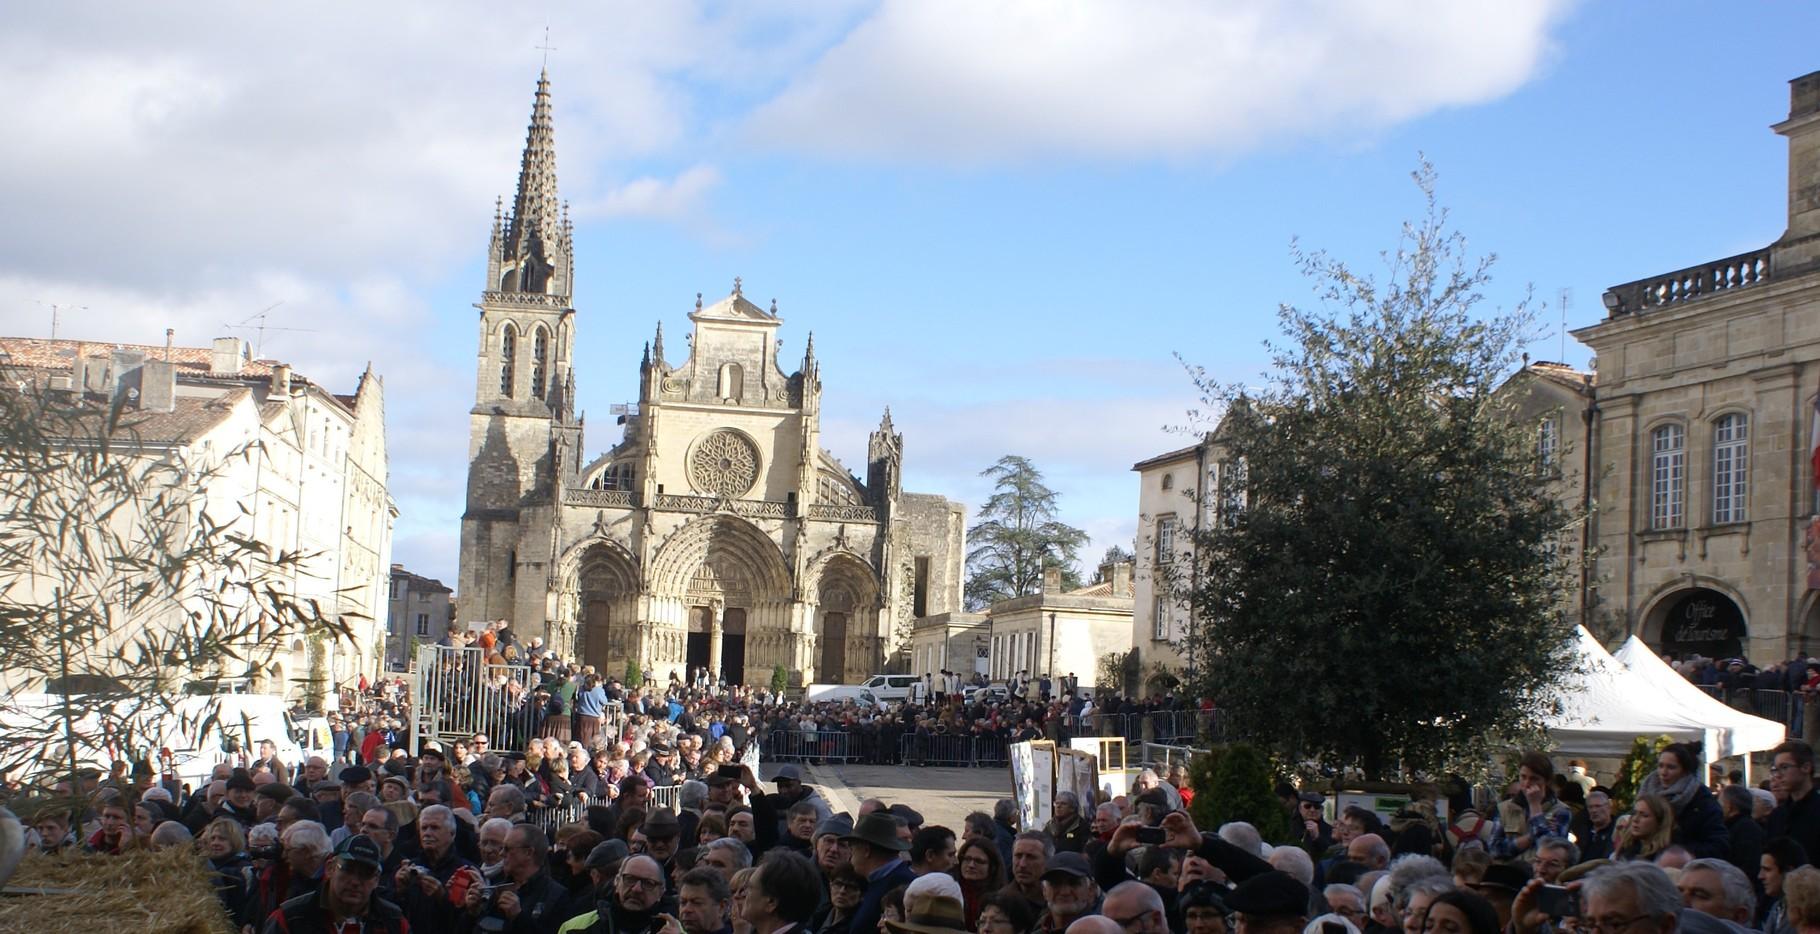 Sur la place de la cathédrale